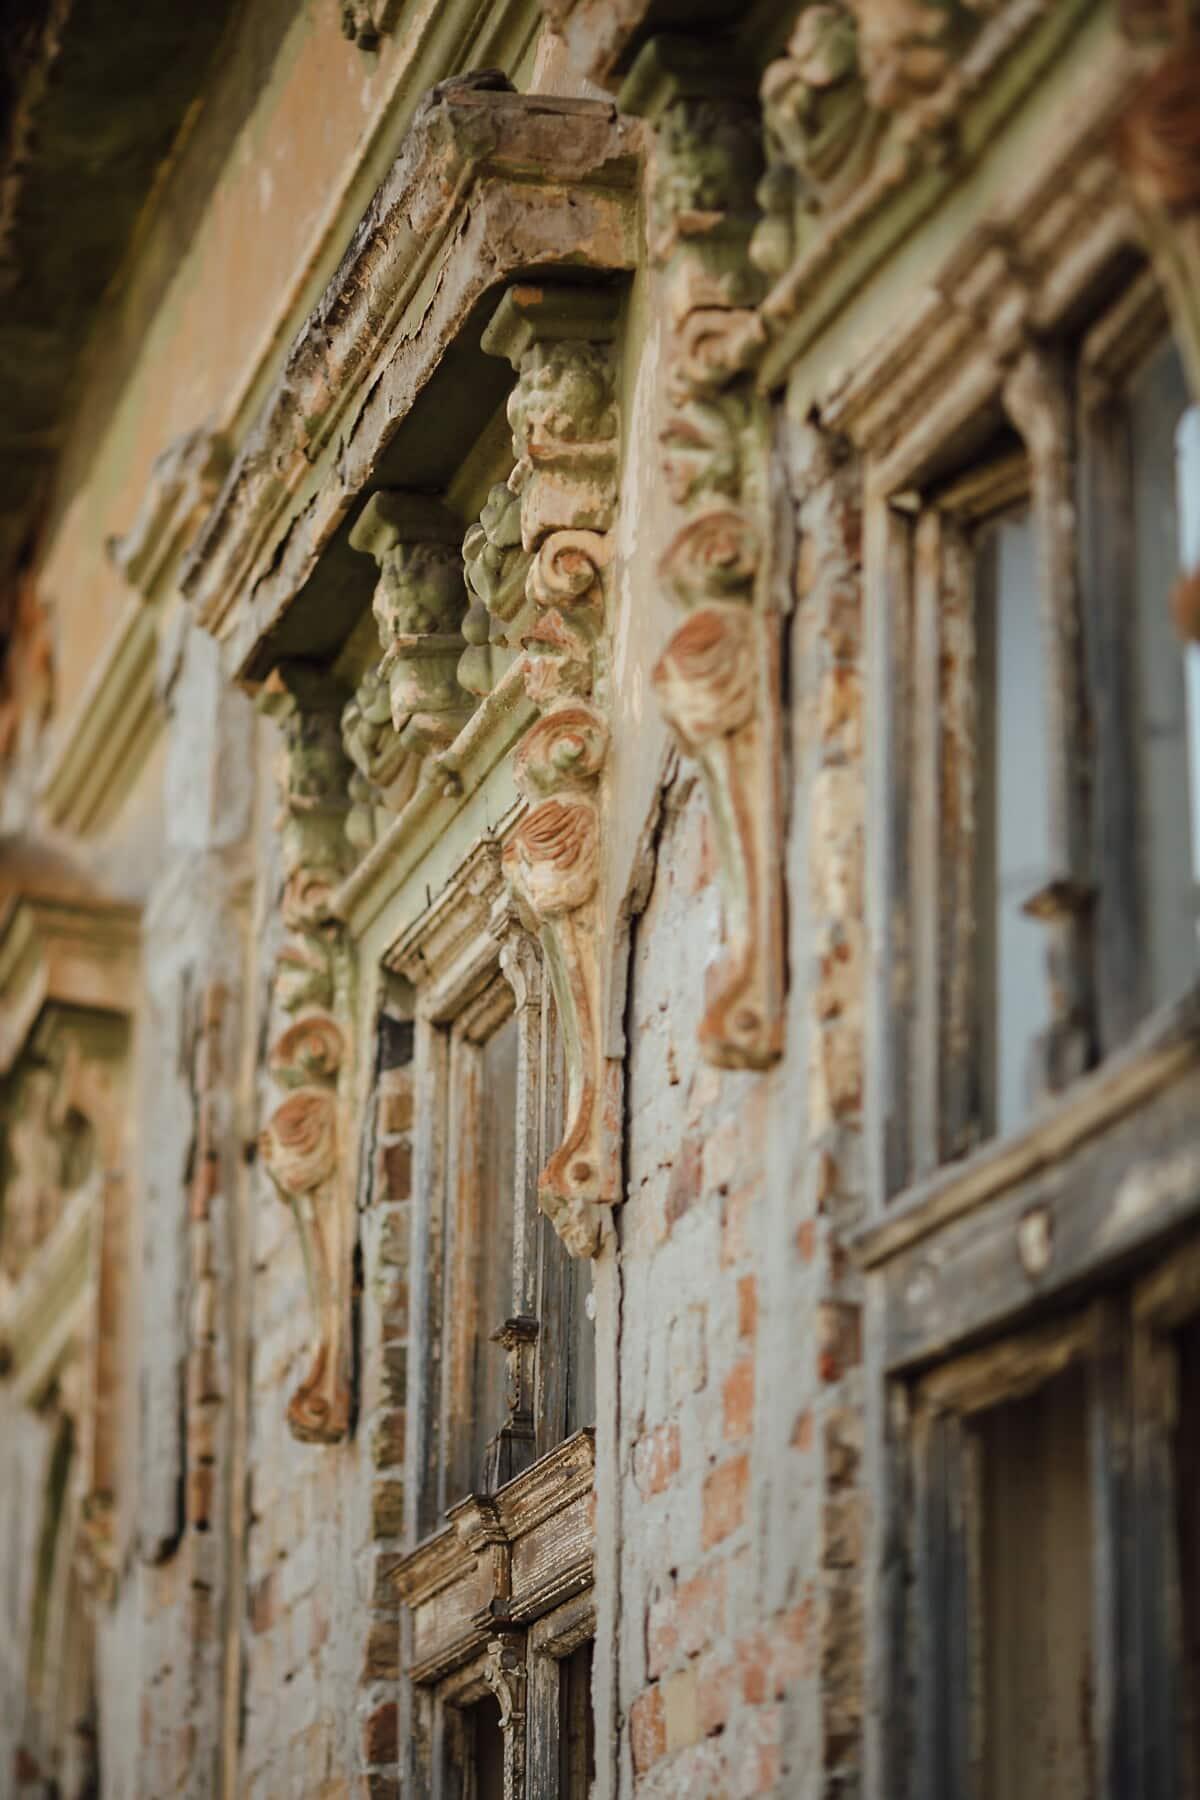 fenster, alt, Haus, Ruine, verlassen, Architektur, kathedrale, Gebäude, Antik, Tür